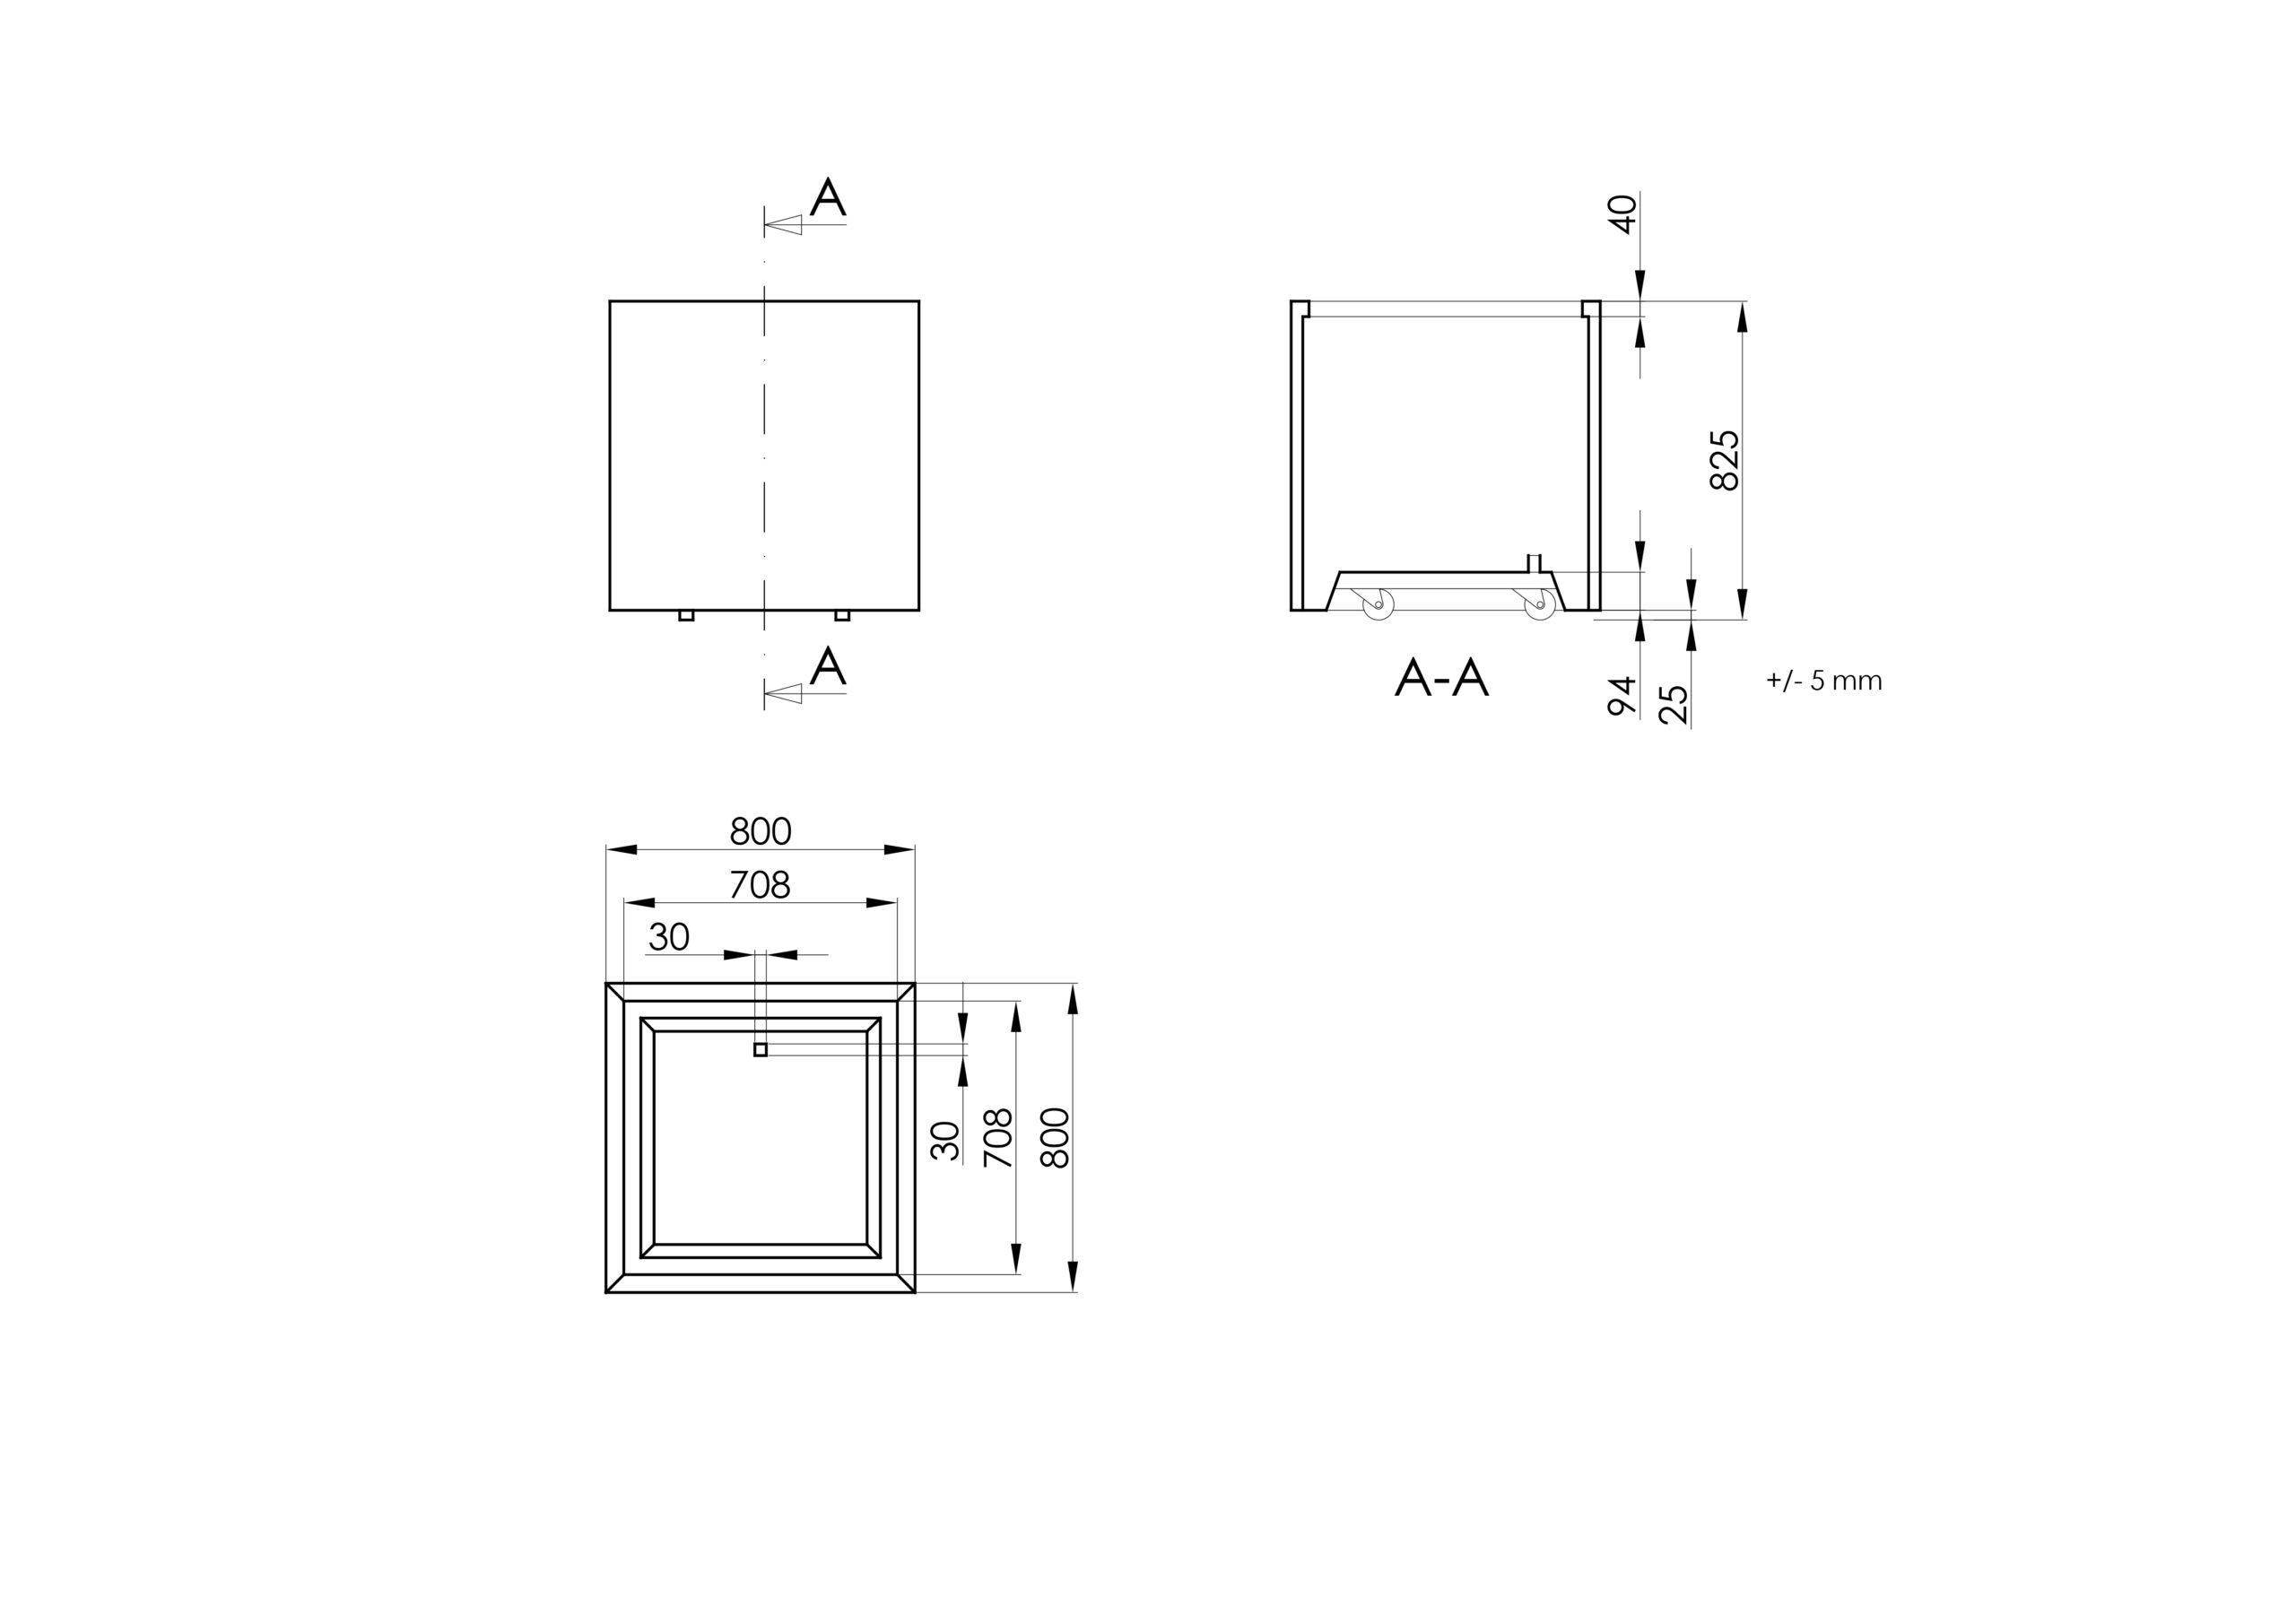 Paolo Mobile -Technisches Zeichnen